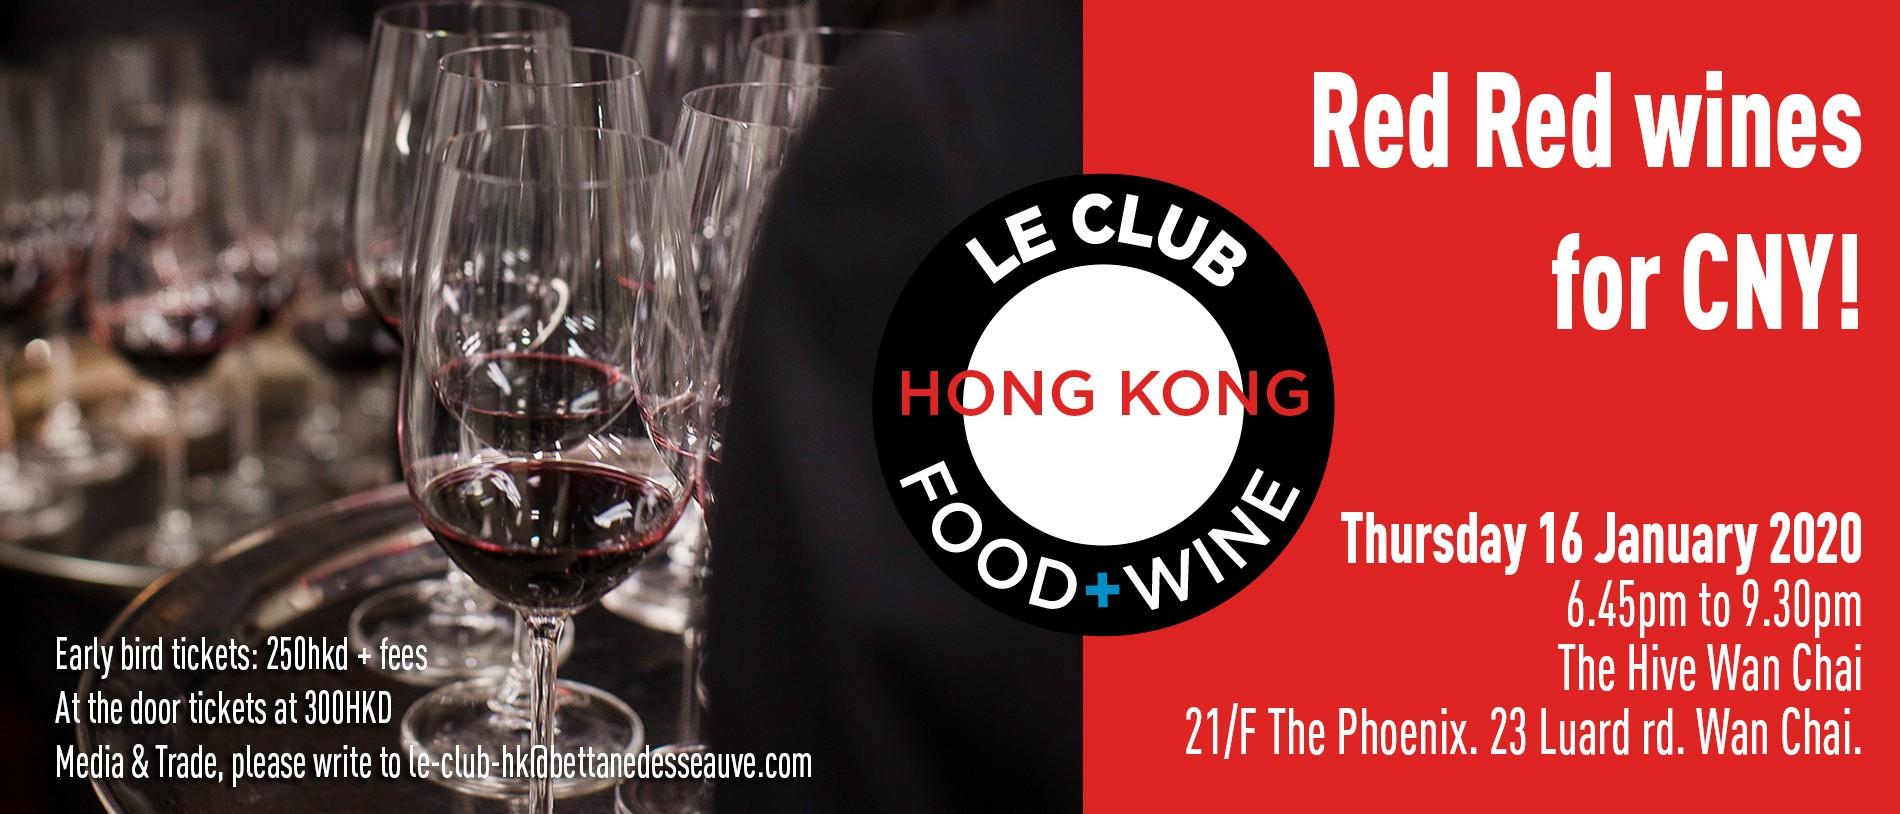 Le Club Food & Wine - 16 January 2020